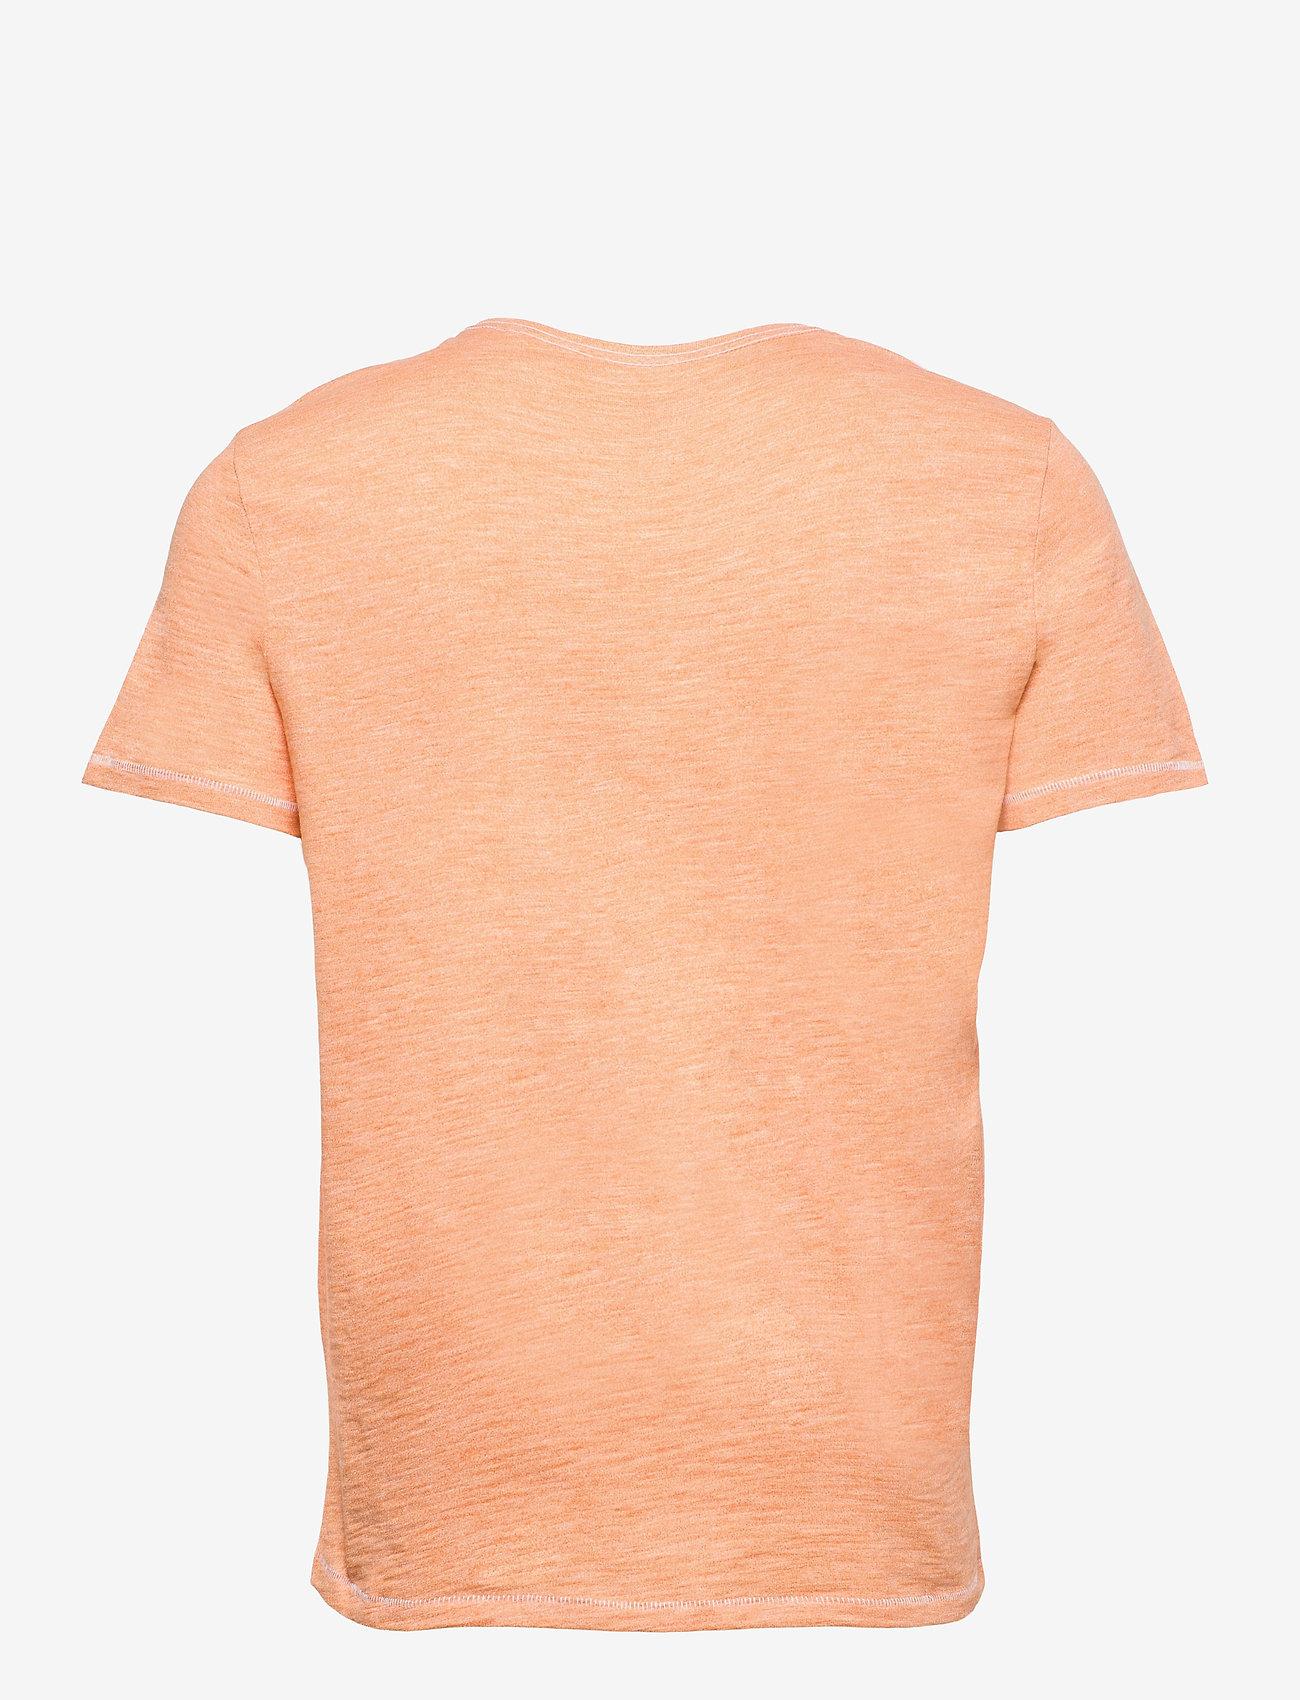 Blend - Tee - basic t-shirts - muskmelon - 1